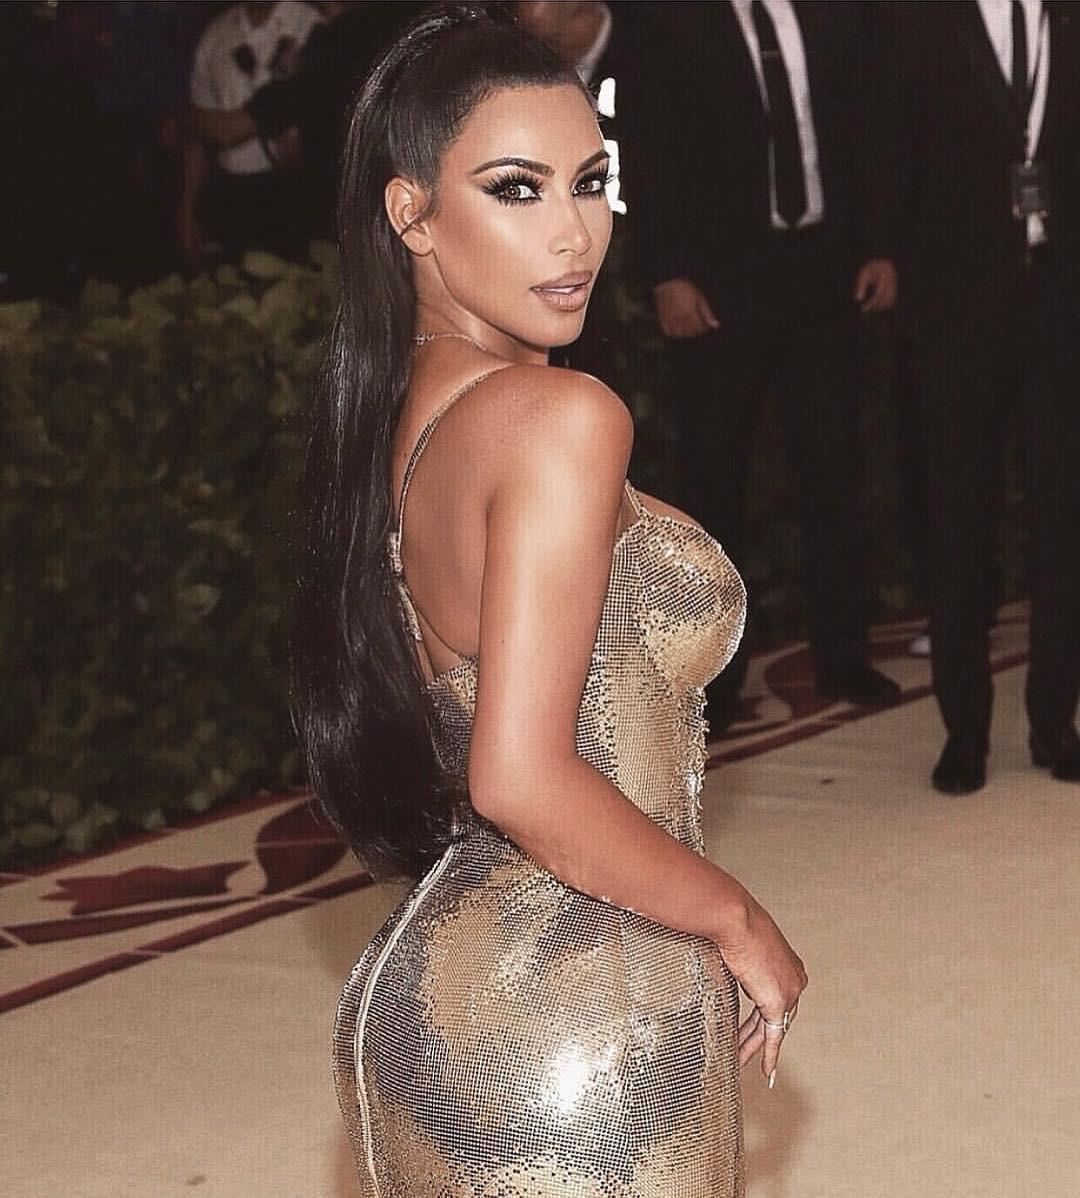 Usai Kanye West mengunggah foto seksi Kim Kardashian dengan gaun Met Gala di Twitter, Kim pun membalasnya. (instagram/kimkardashian)